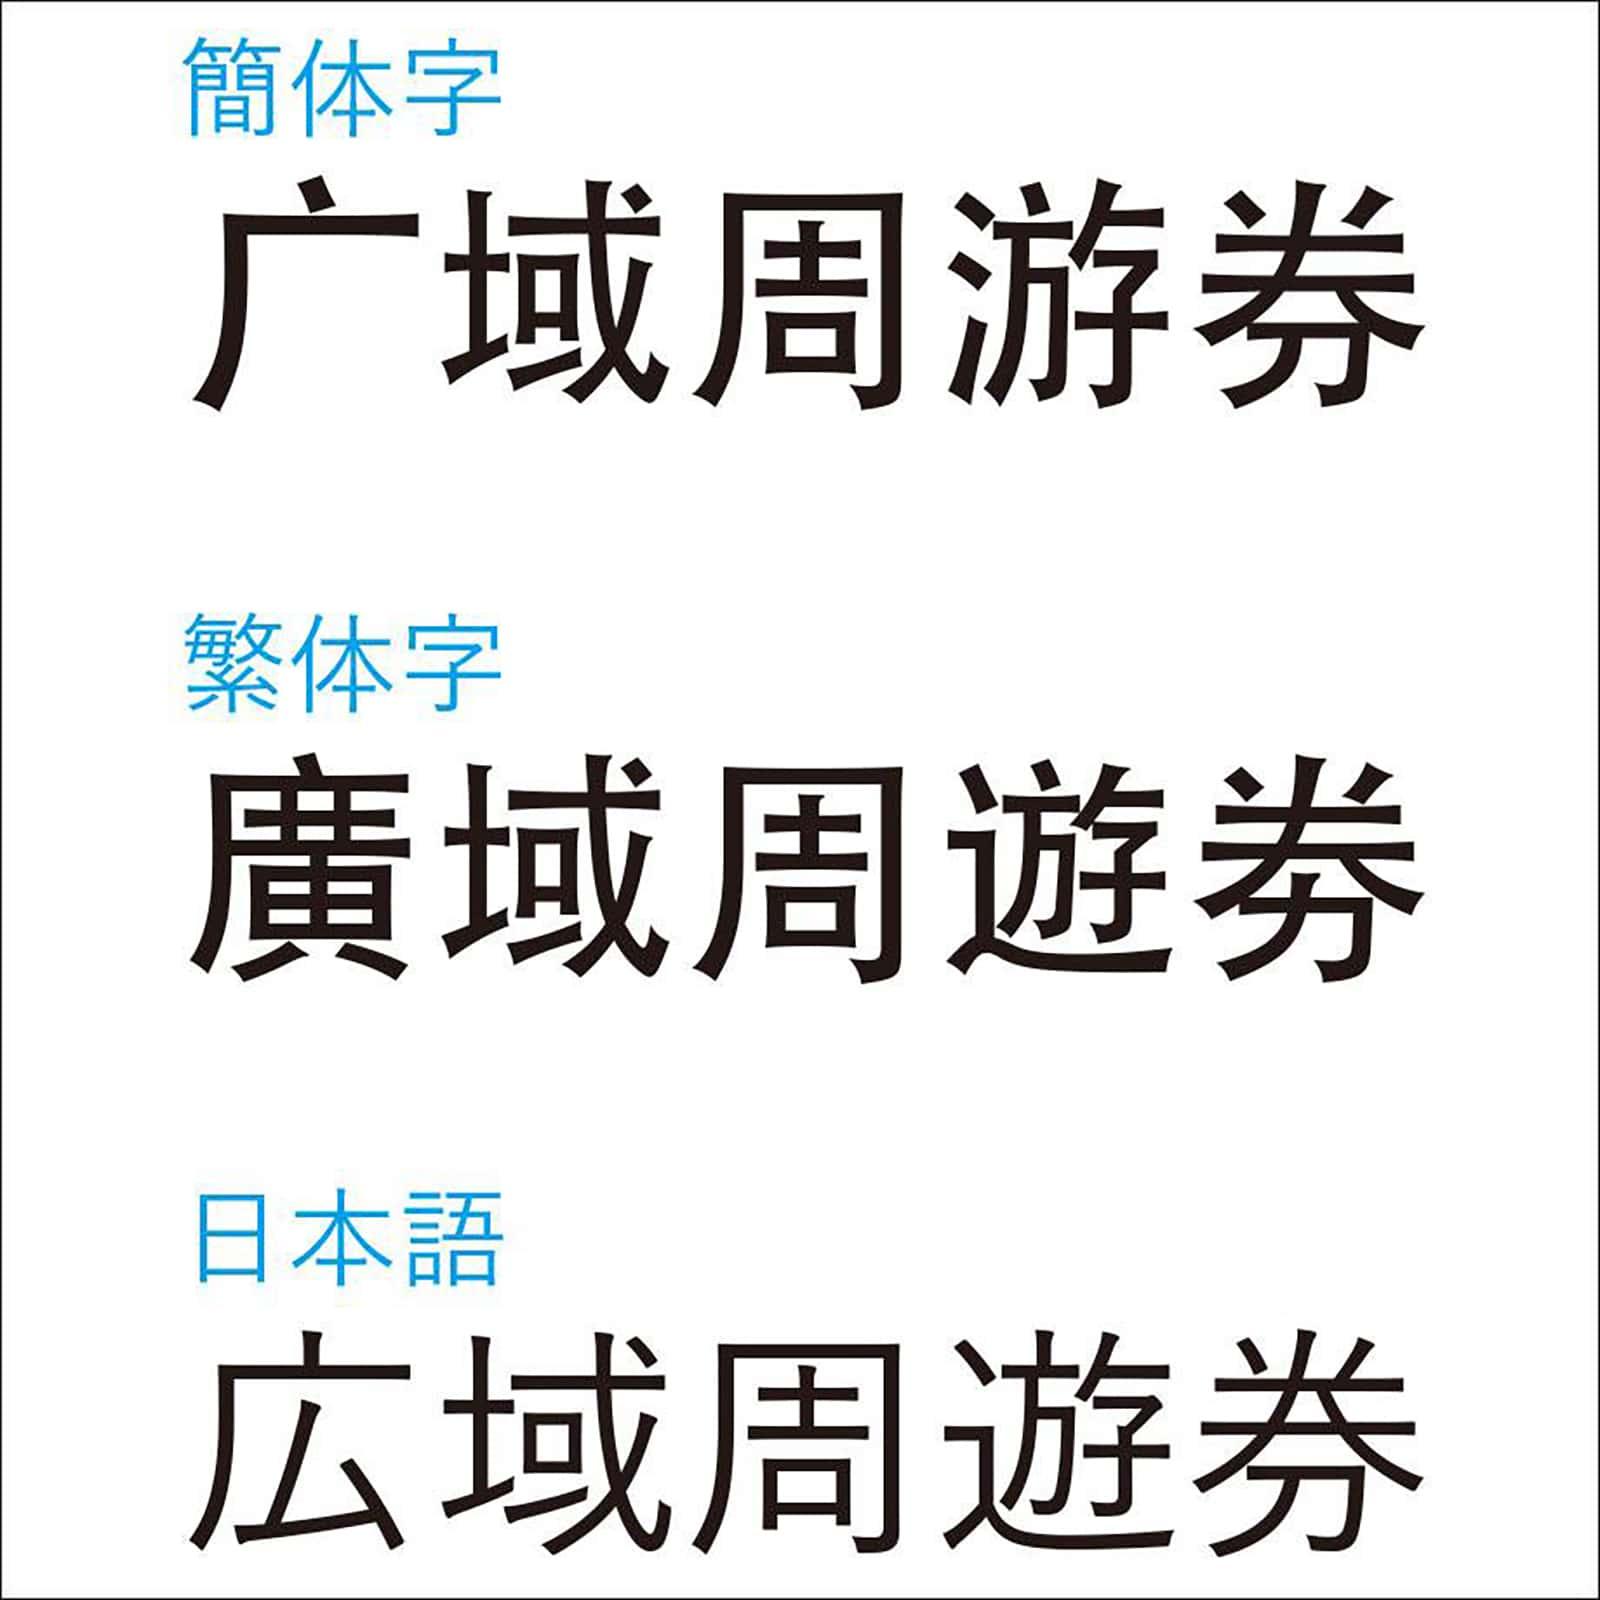 中国語の「簡体字」と「繁体字」...